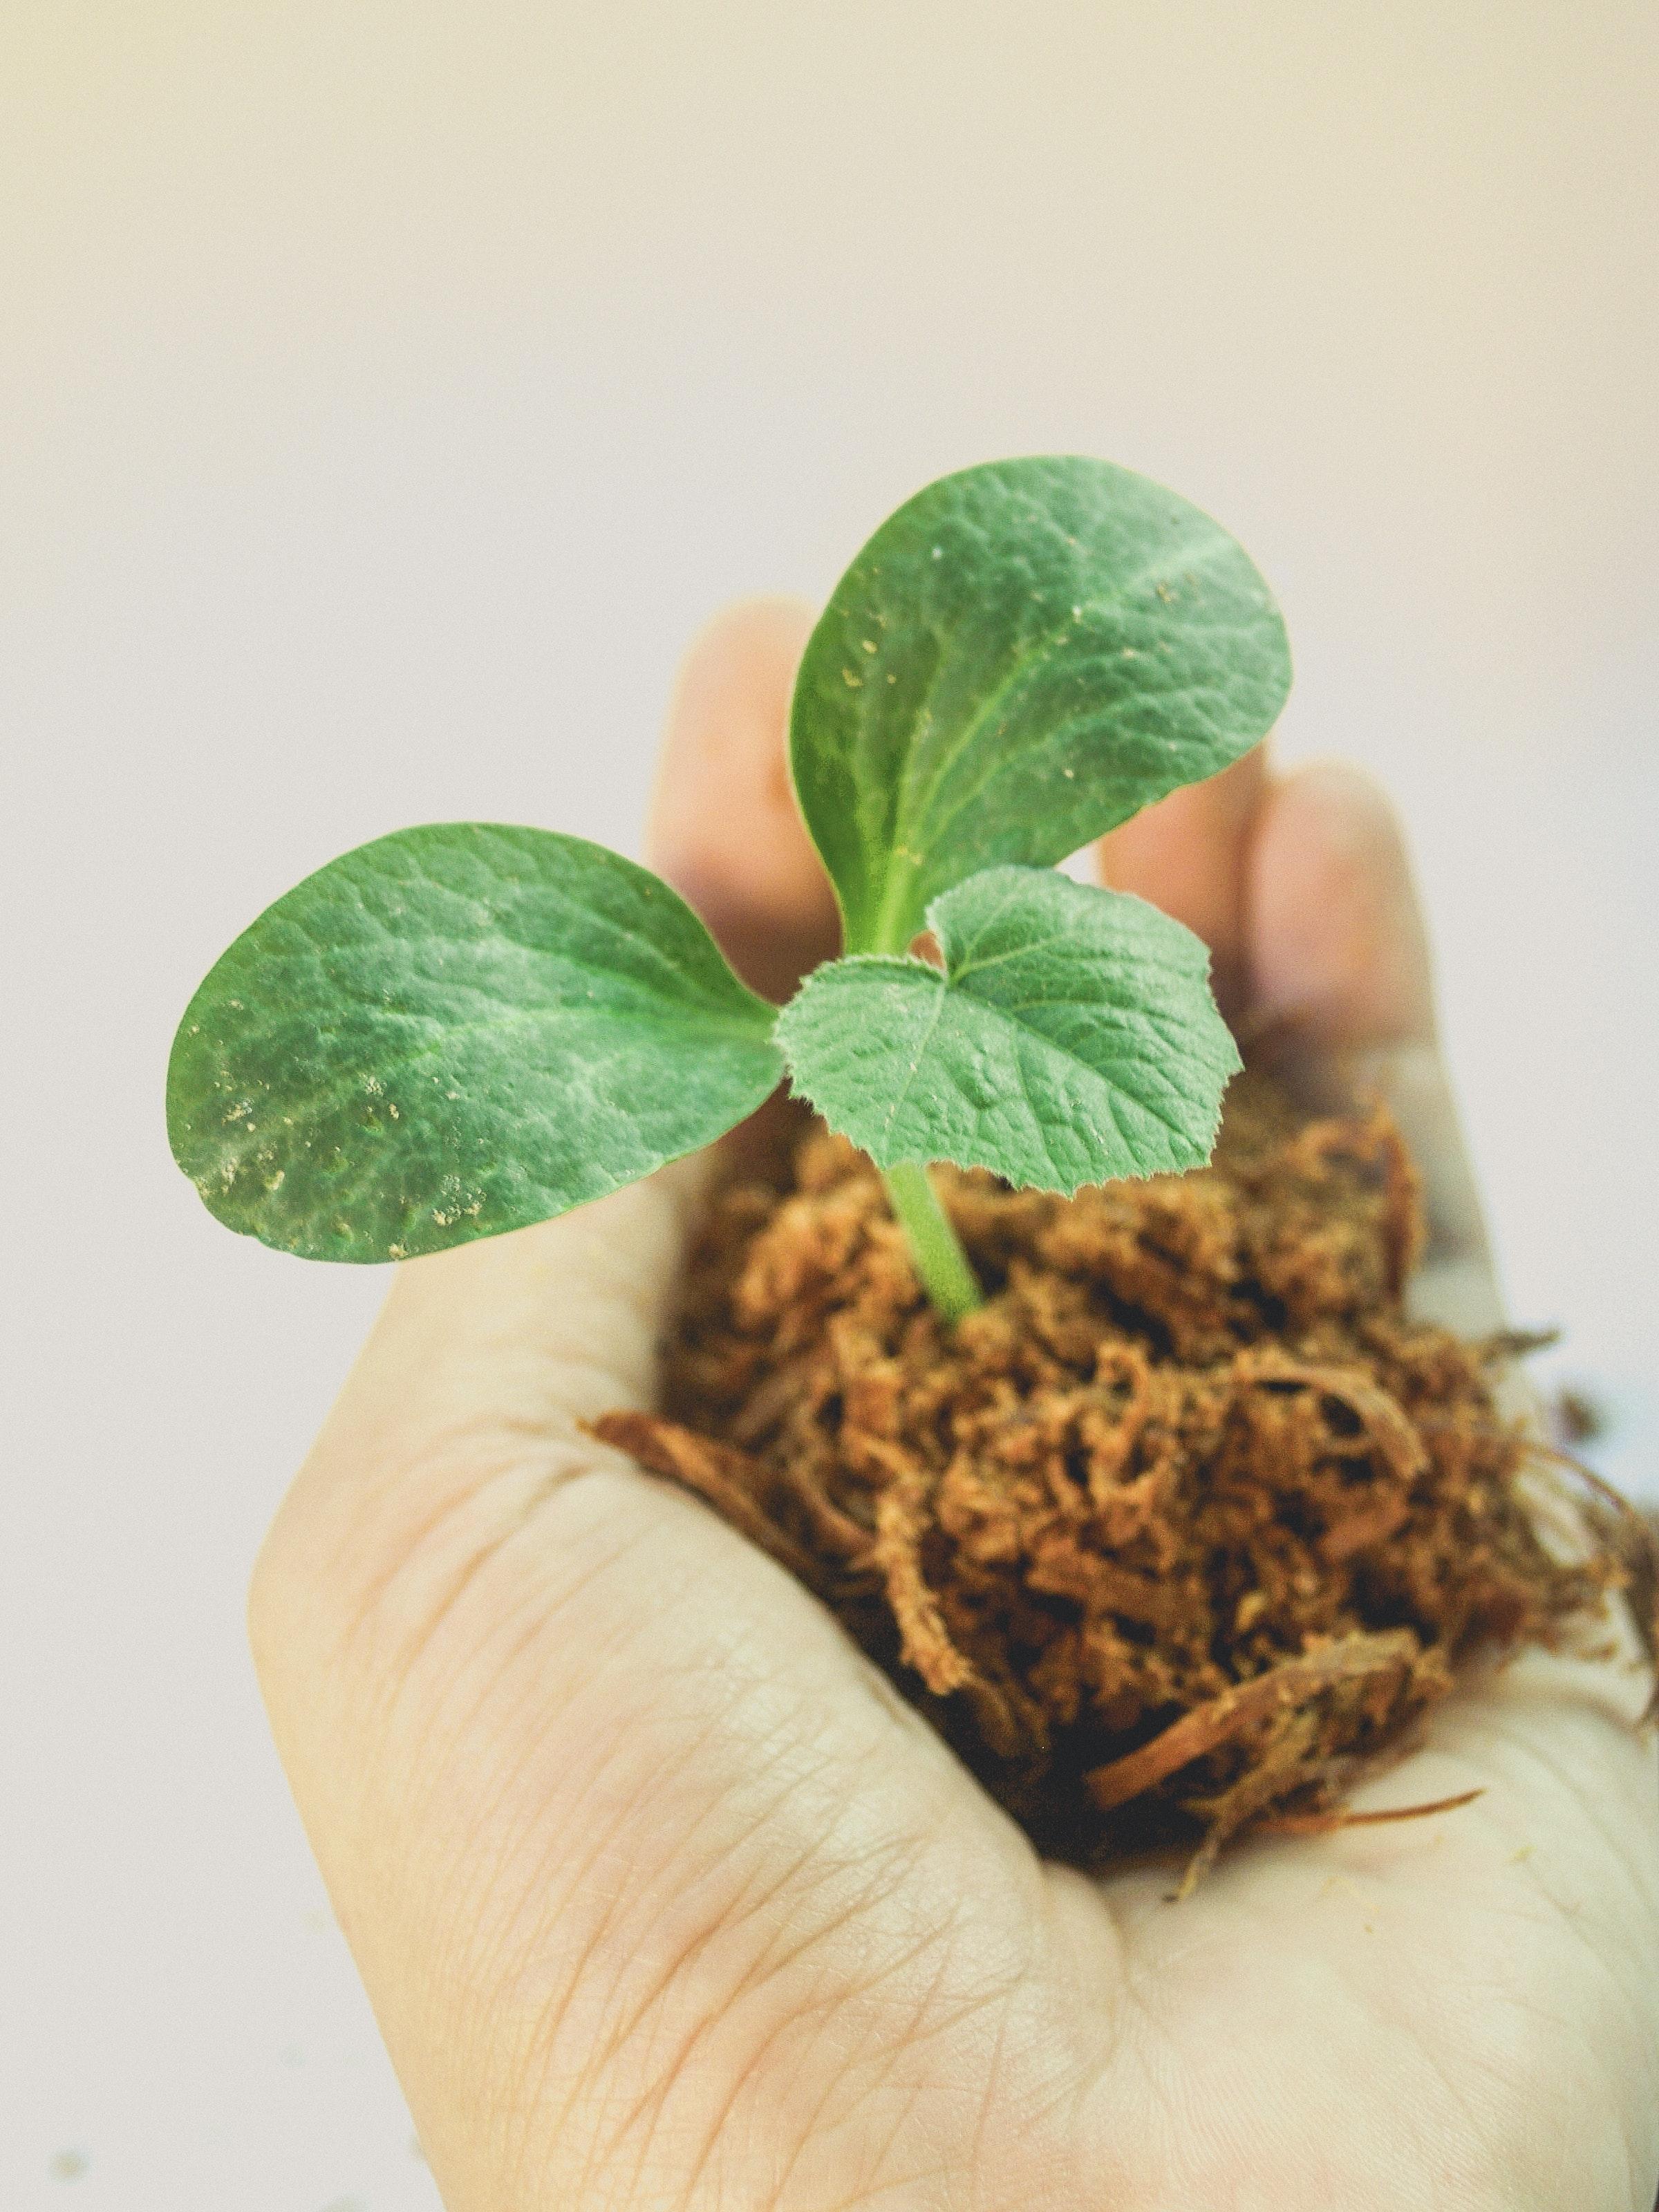 dirt-gardening-grow-1214405.jpg